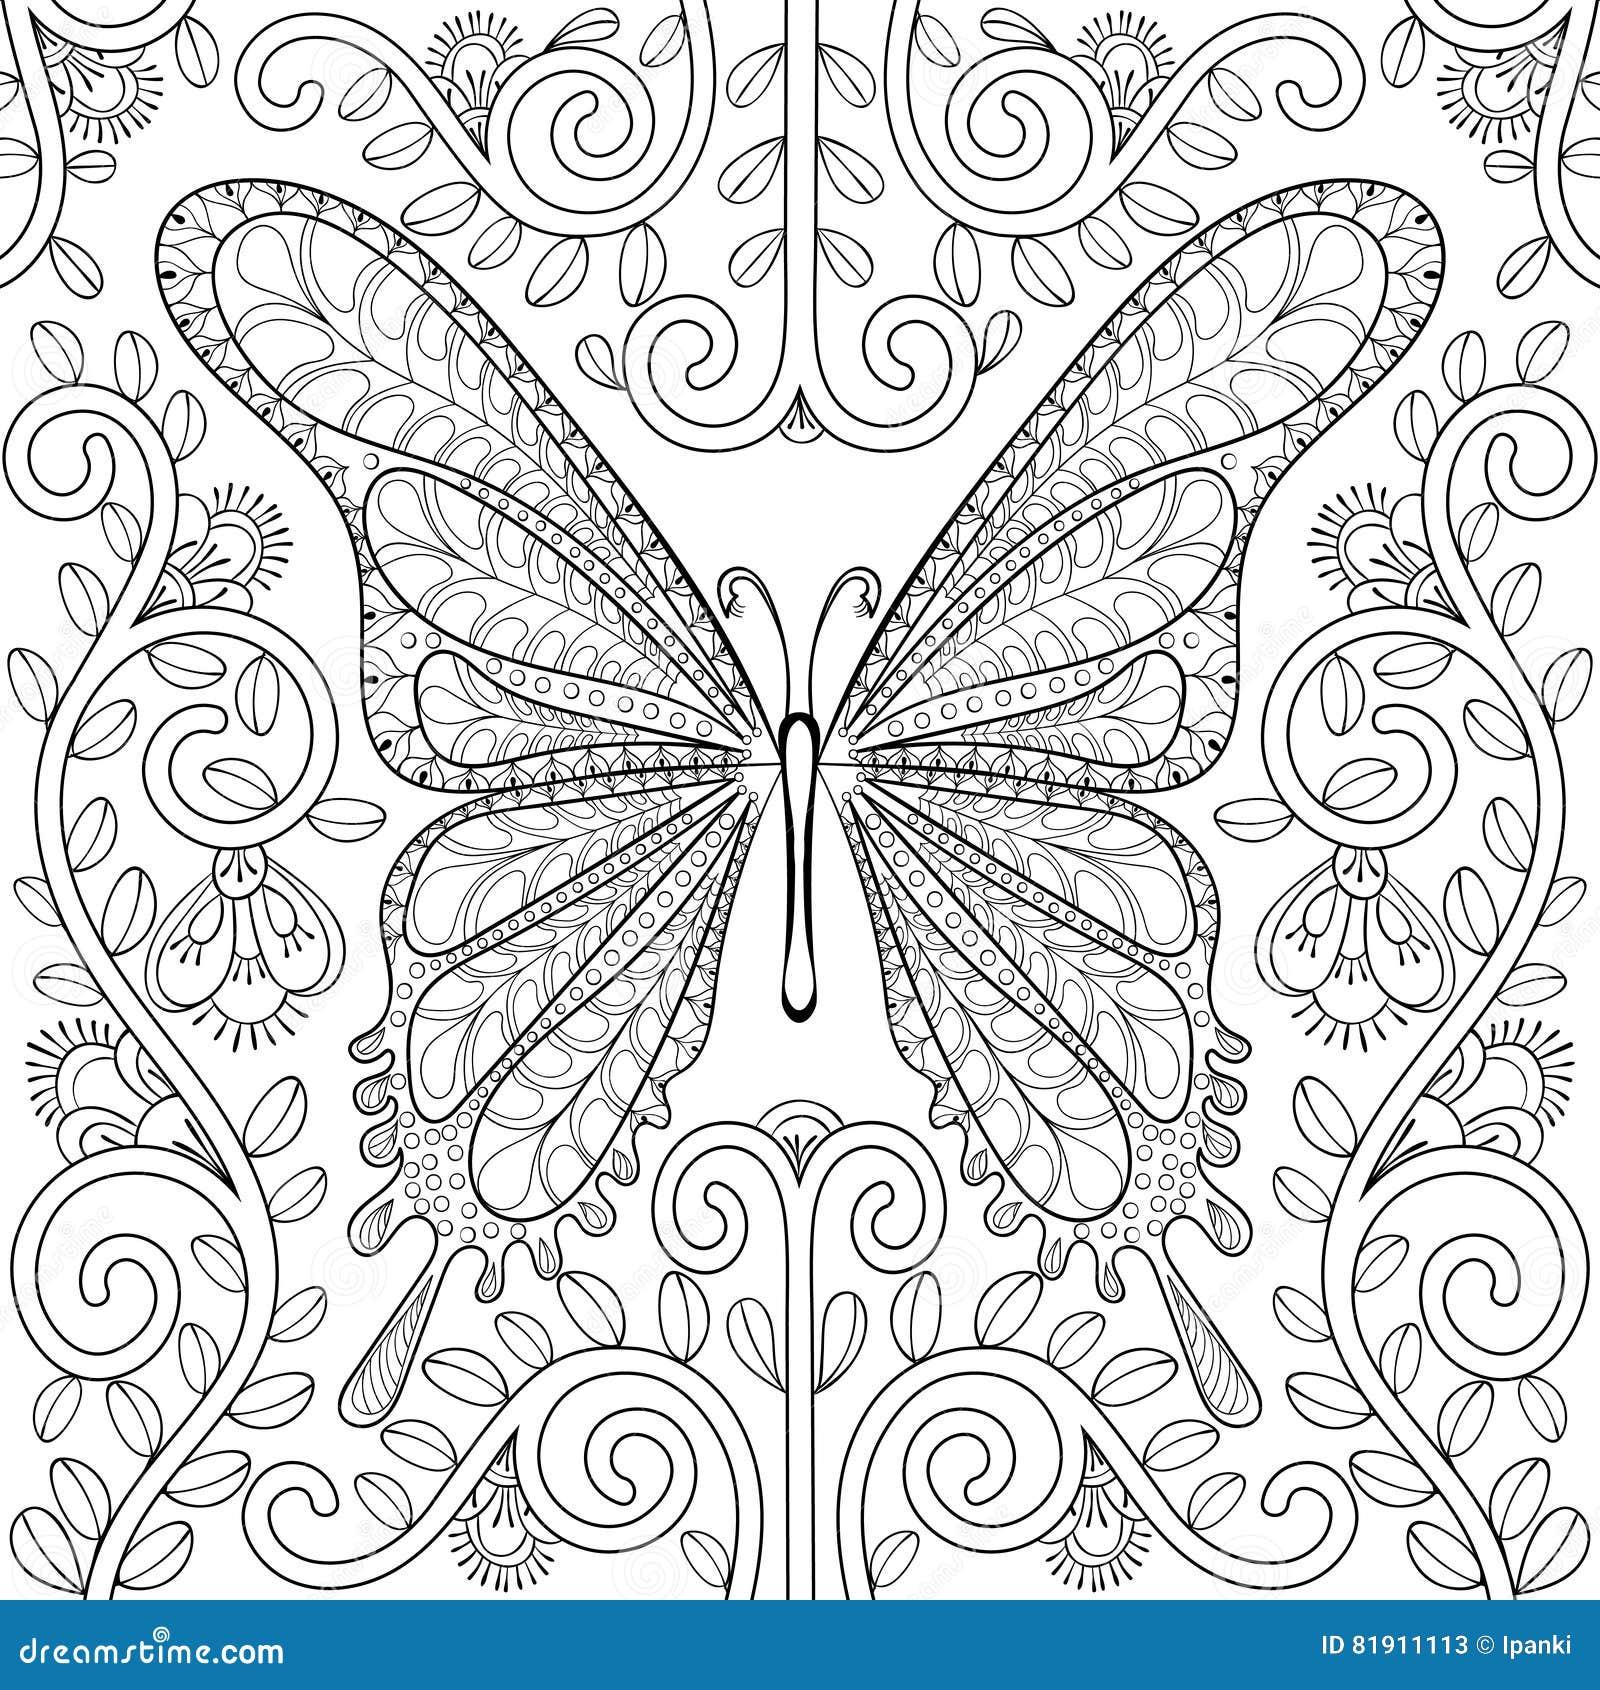 Libre de droits Download Livre De Coloriage Adulte Avec Le Papillon